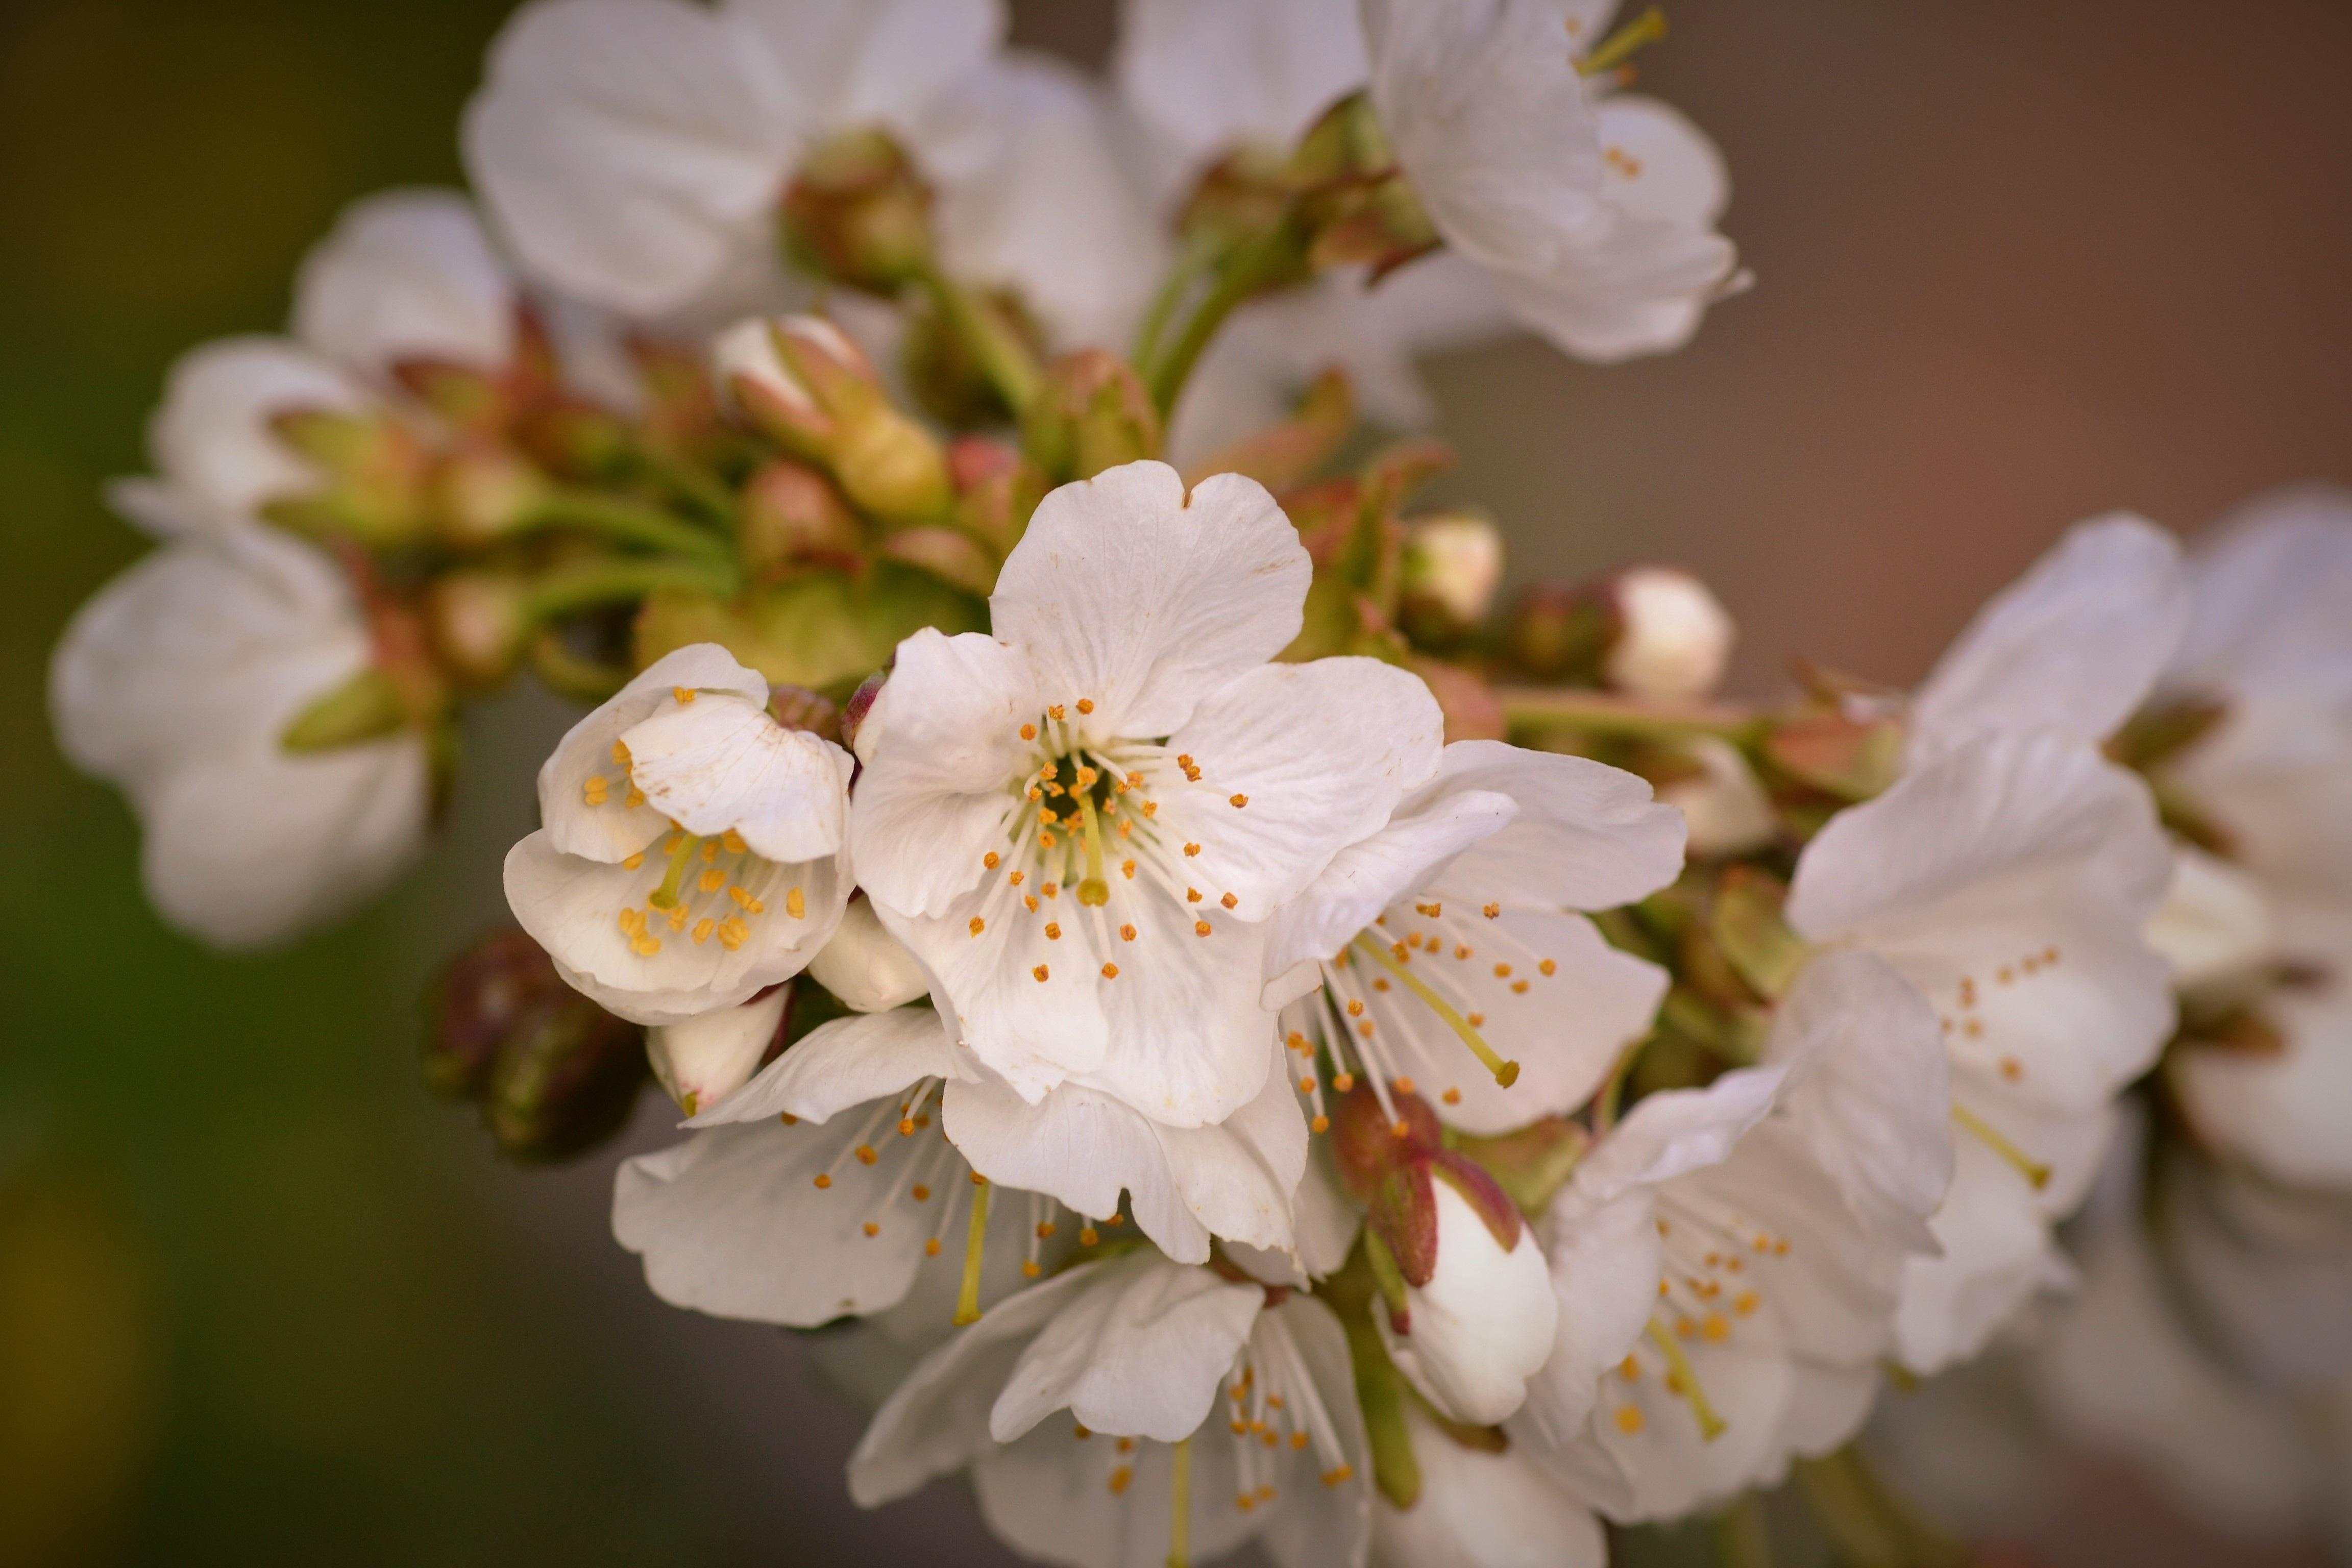 Free Images Nature Branch Fruit Flower Petal Bouquet Food